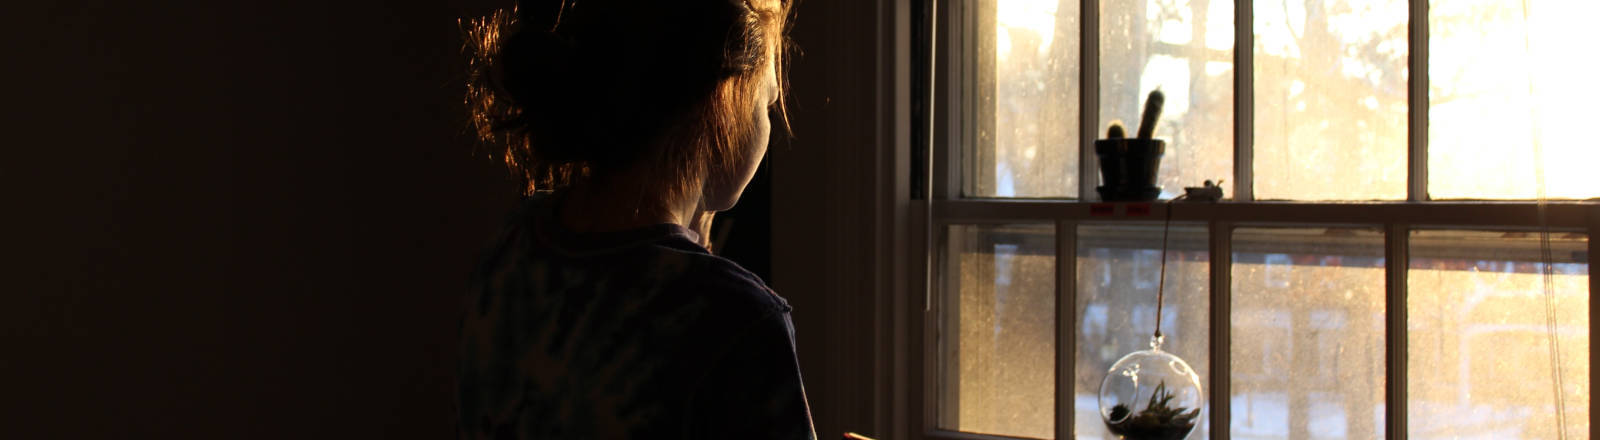 Frau guckt aus Fenster